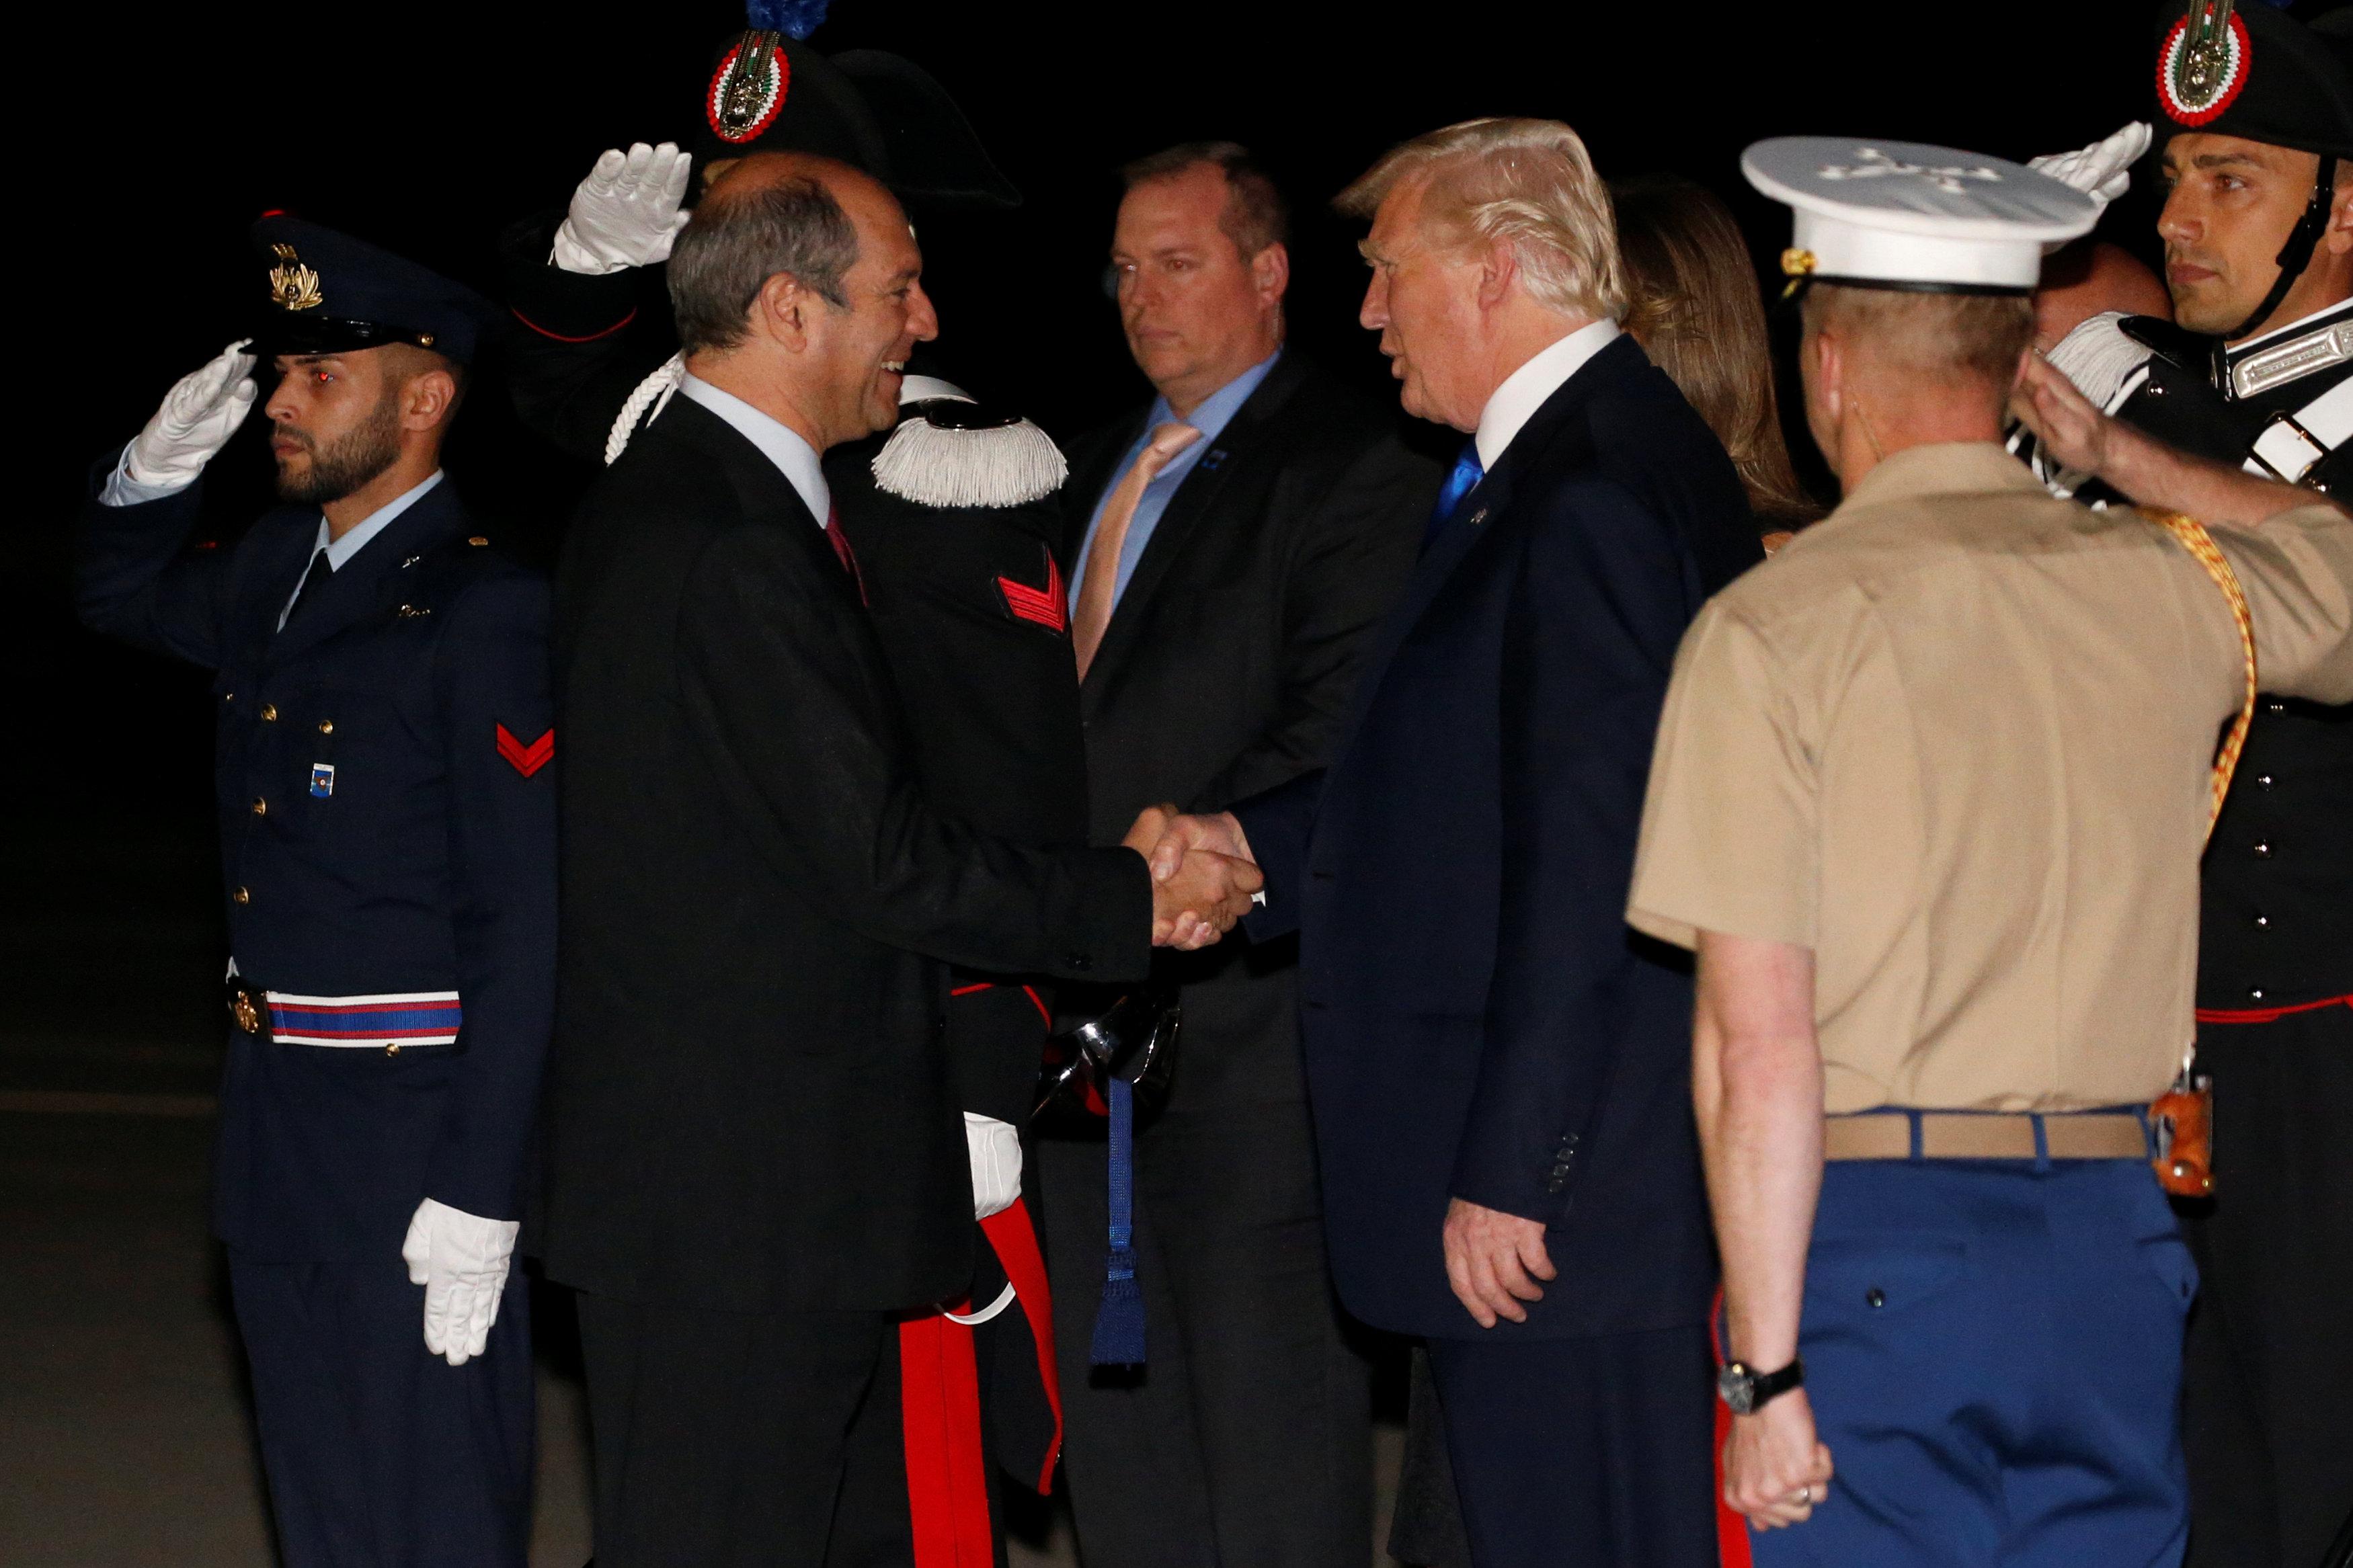 Los líderes del G7 inauguran oficialmente la cumbre de Taormina